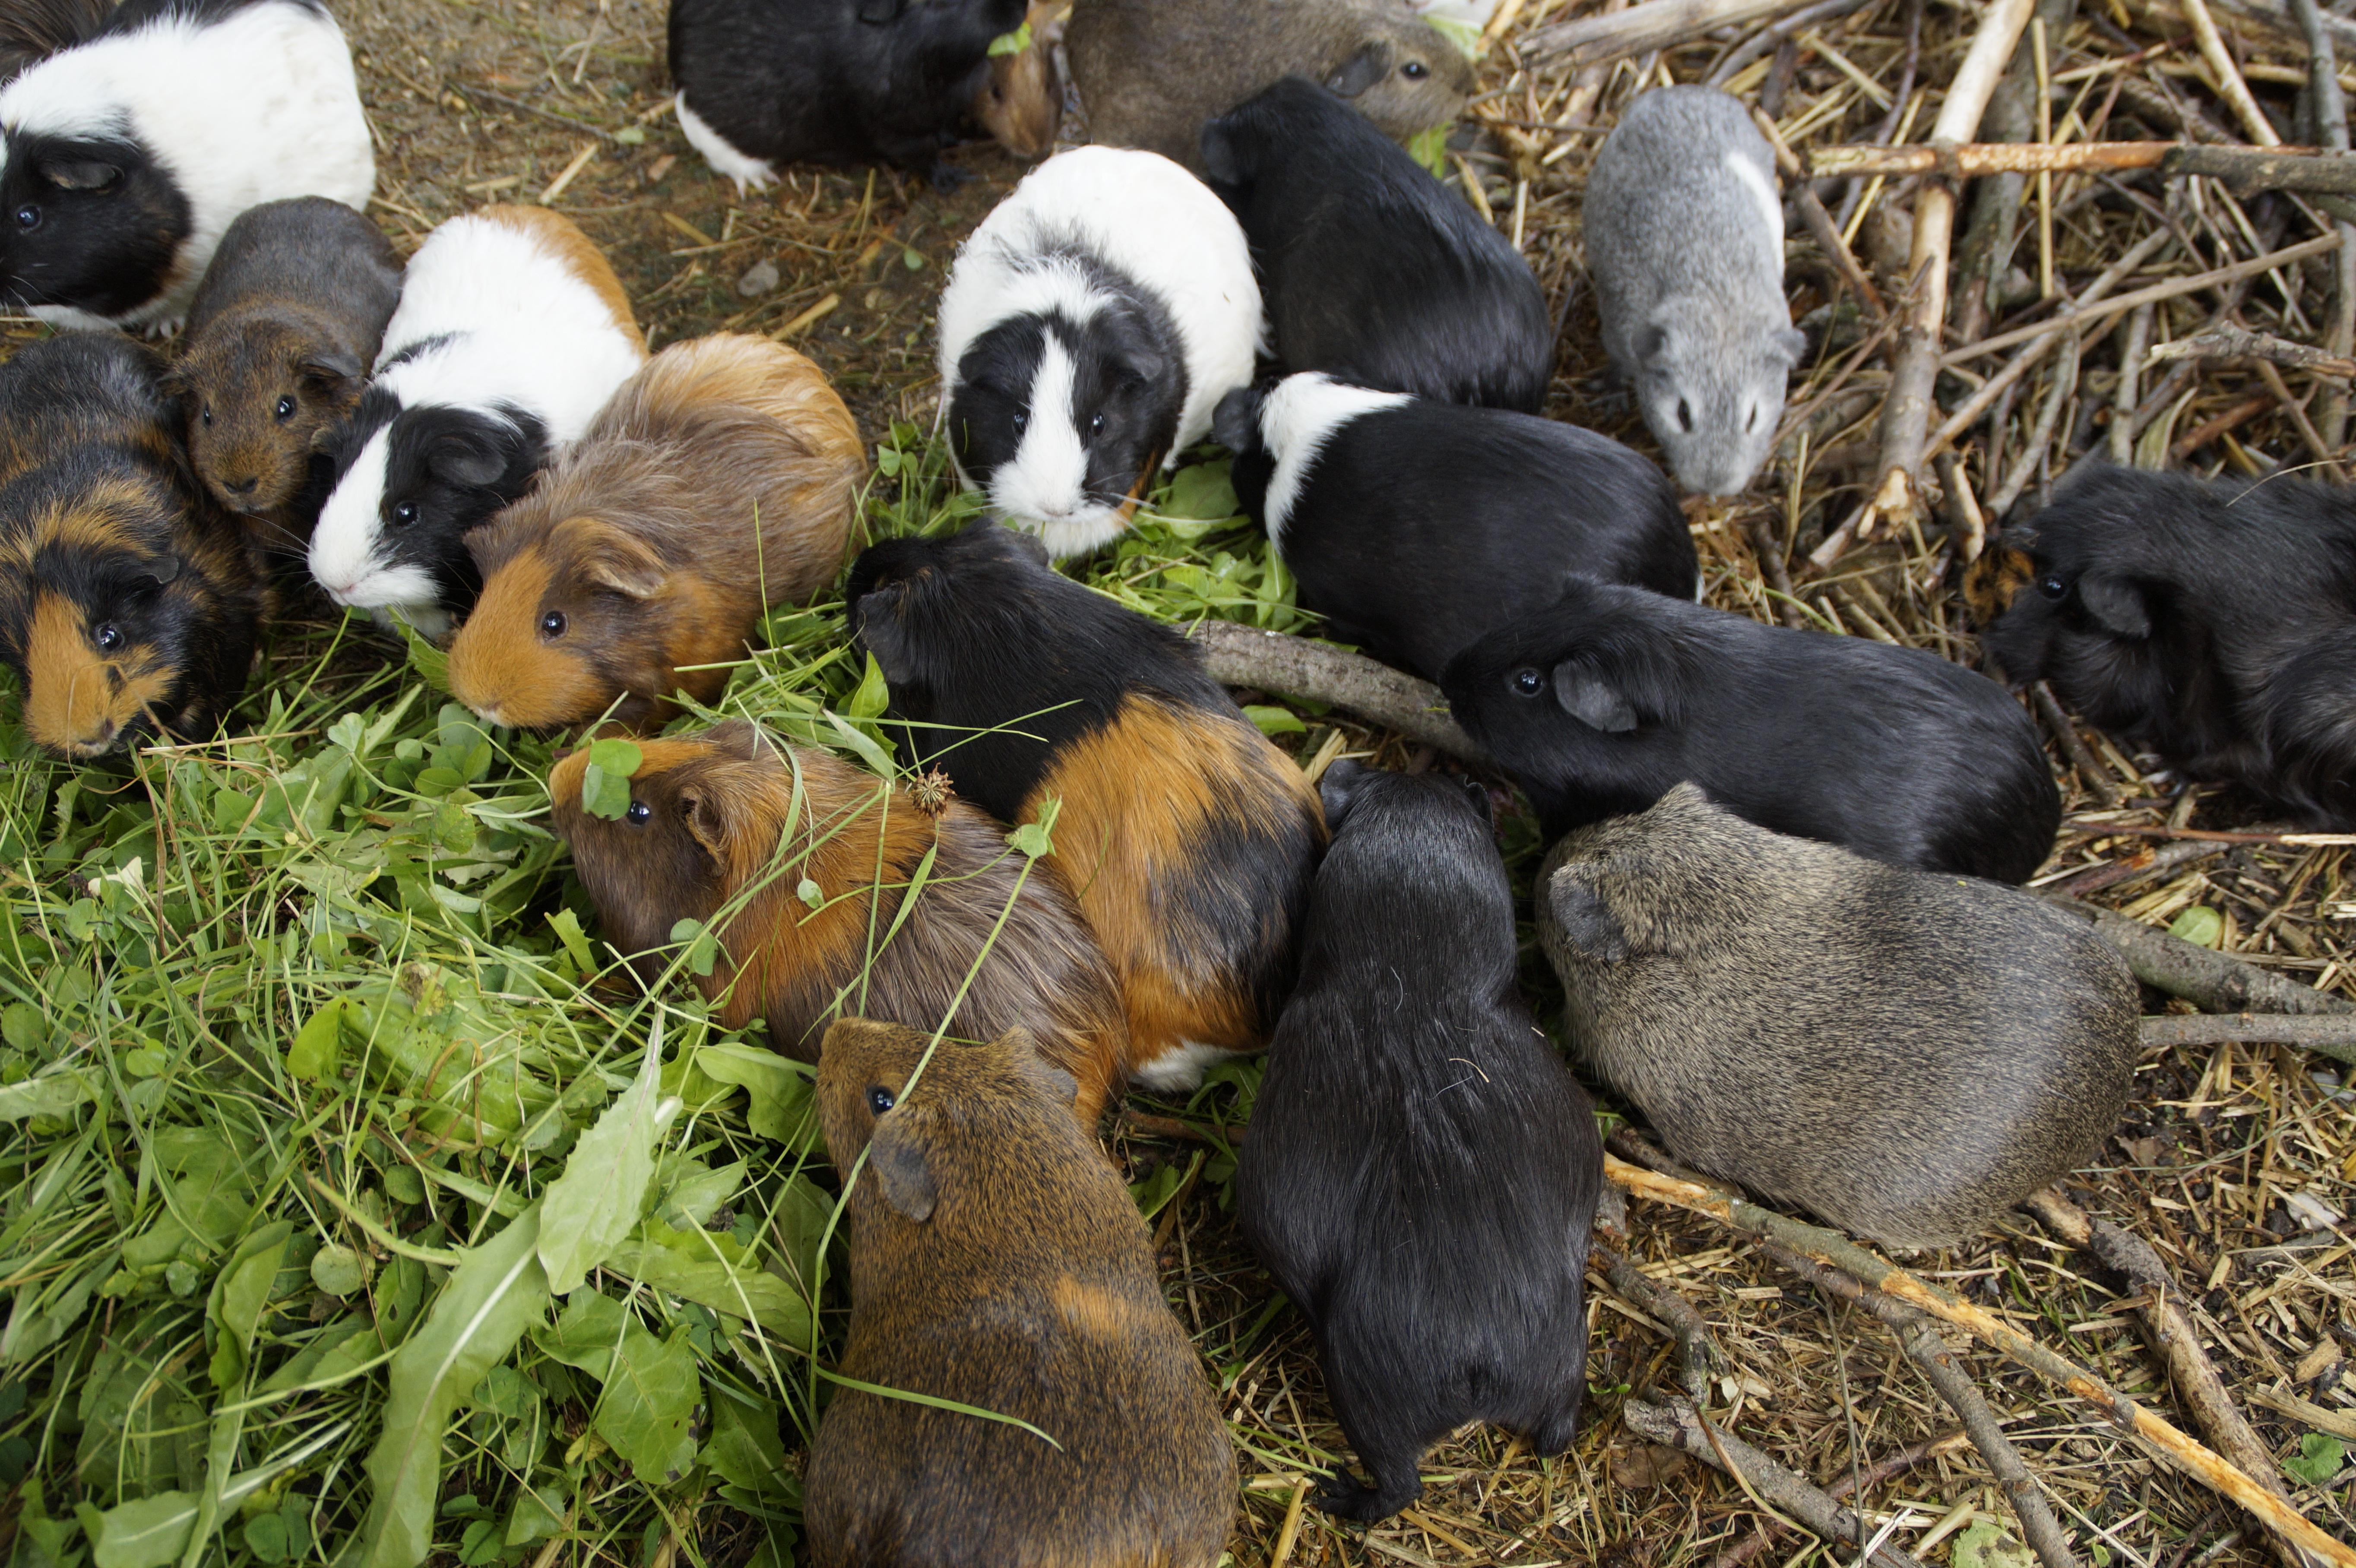 Gambar Anak Anjing Makan Binatang Menyusui Marmot Hewan